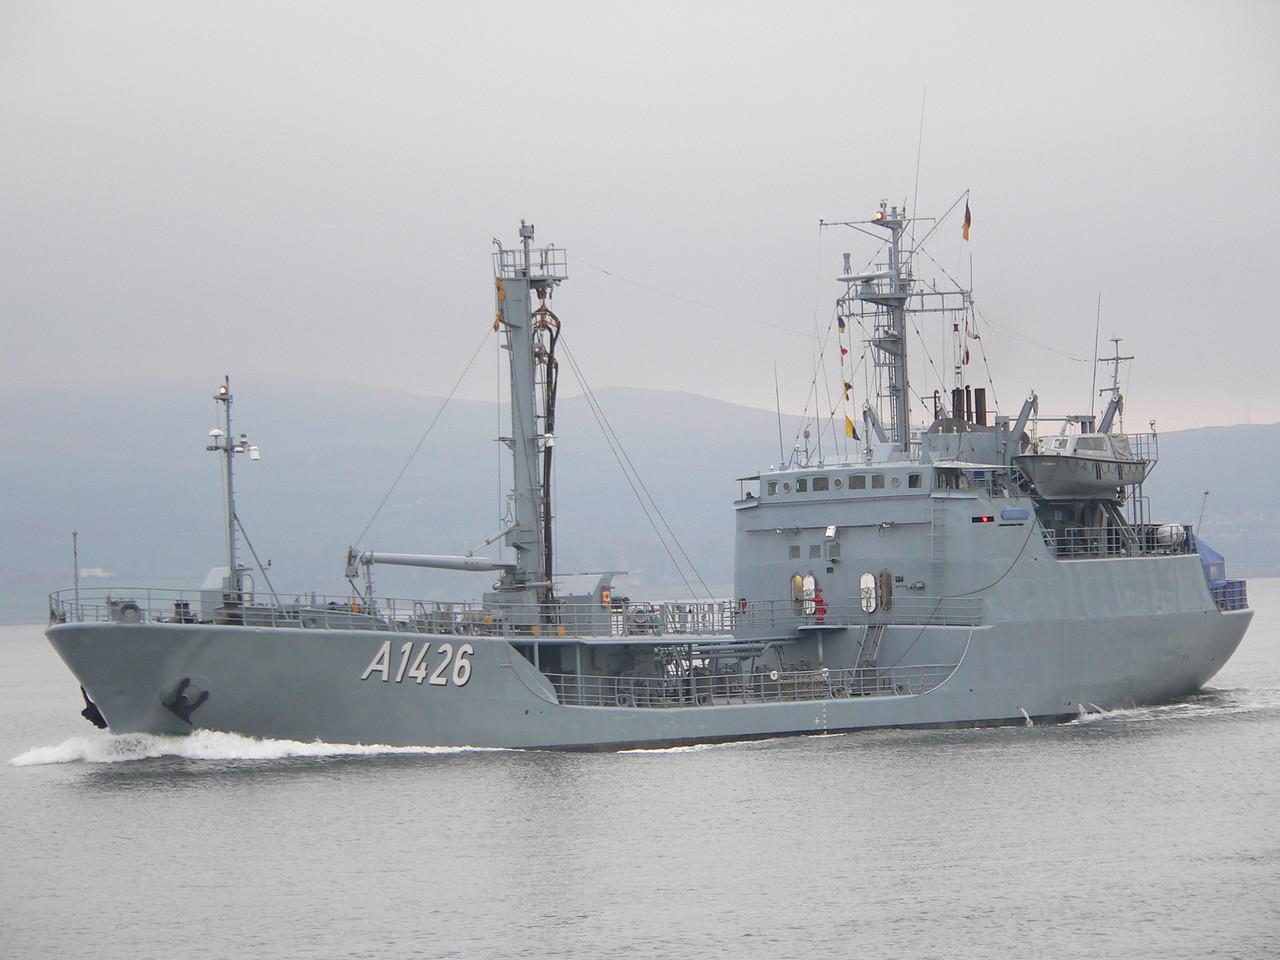 A-1426 FGS TEGERNSEE